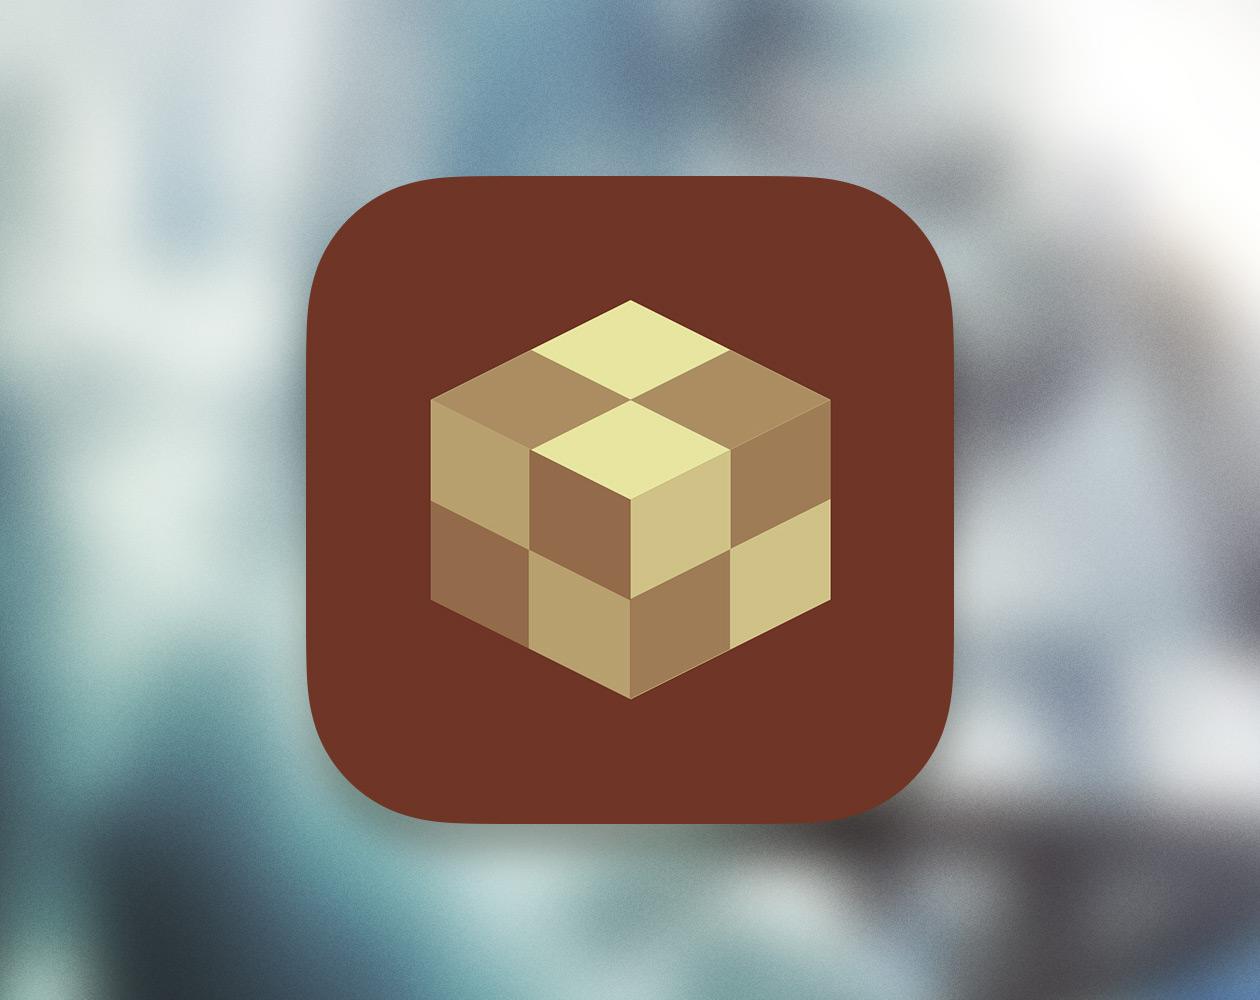 Matter для iPhone: реалистичные трехмерные объекты для ваших фото